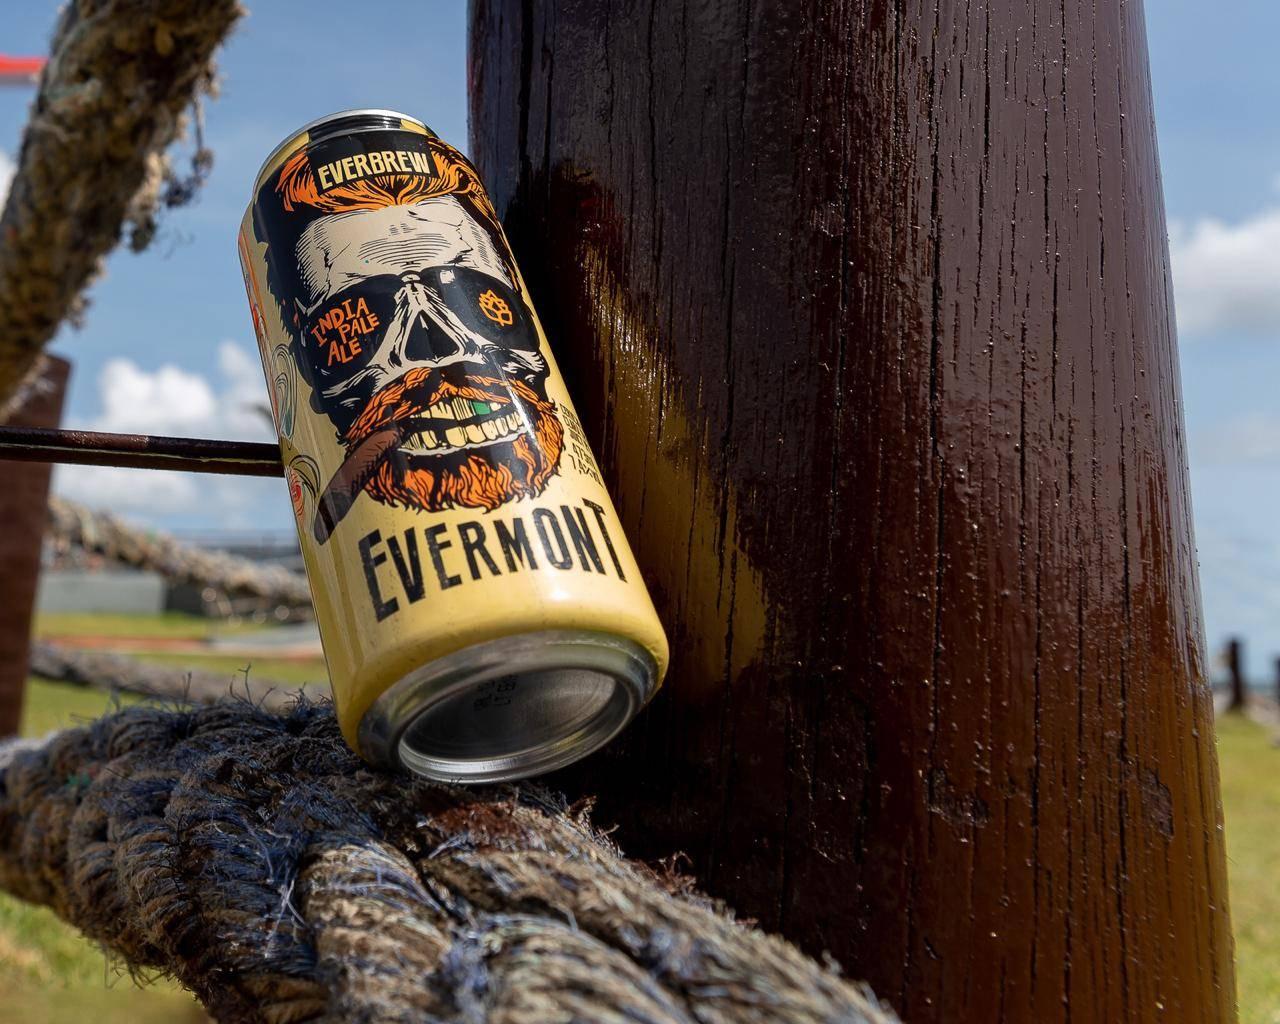 www.juicysantos.com.br - evermont da everbrew cervejaria de santos